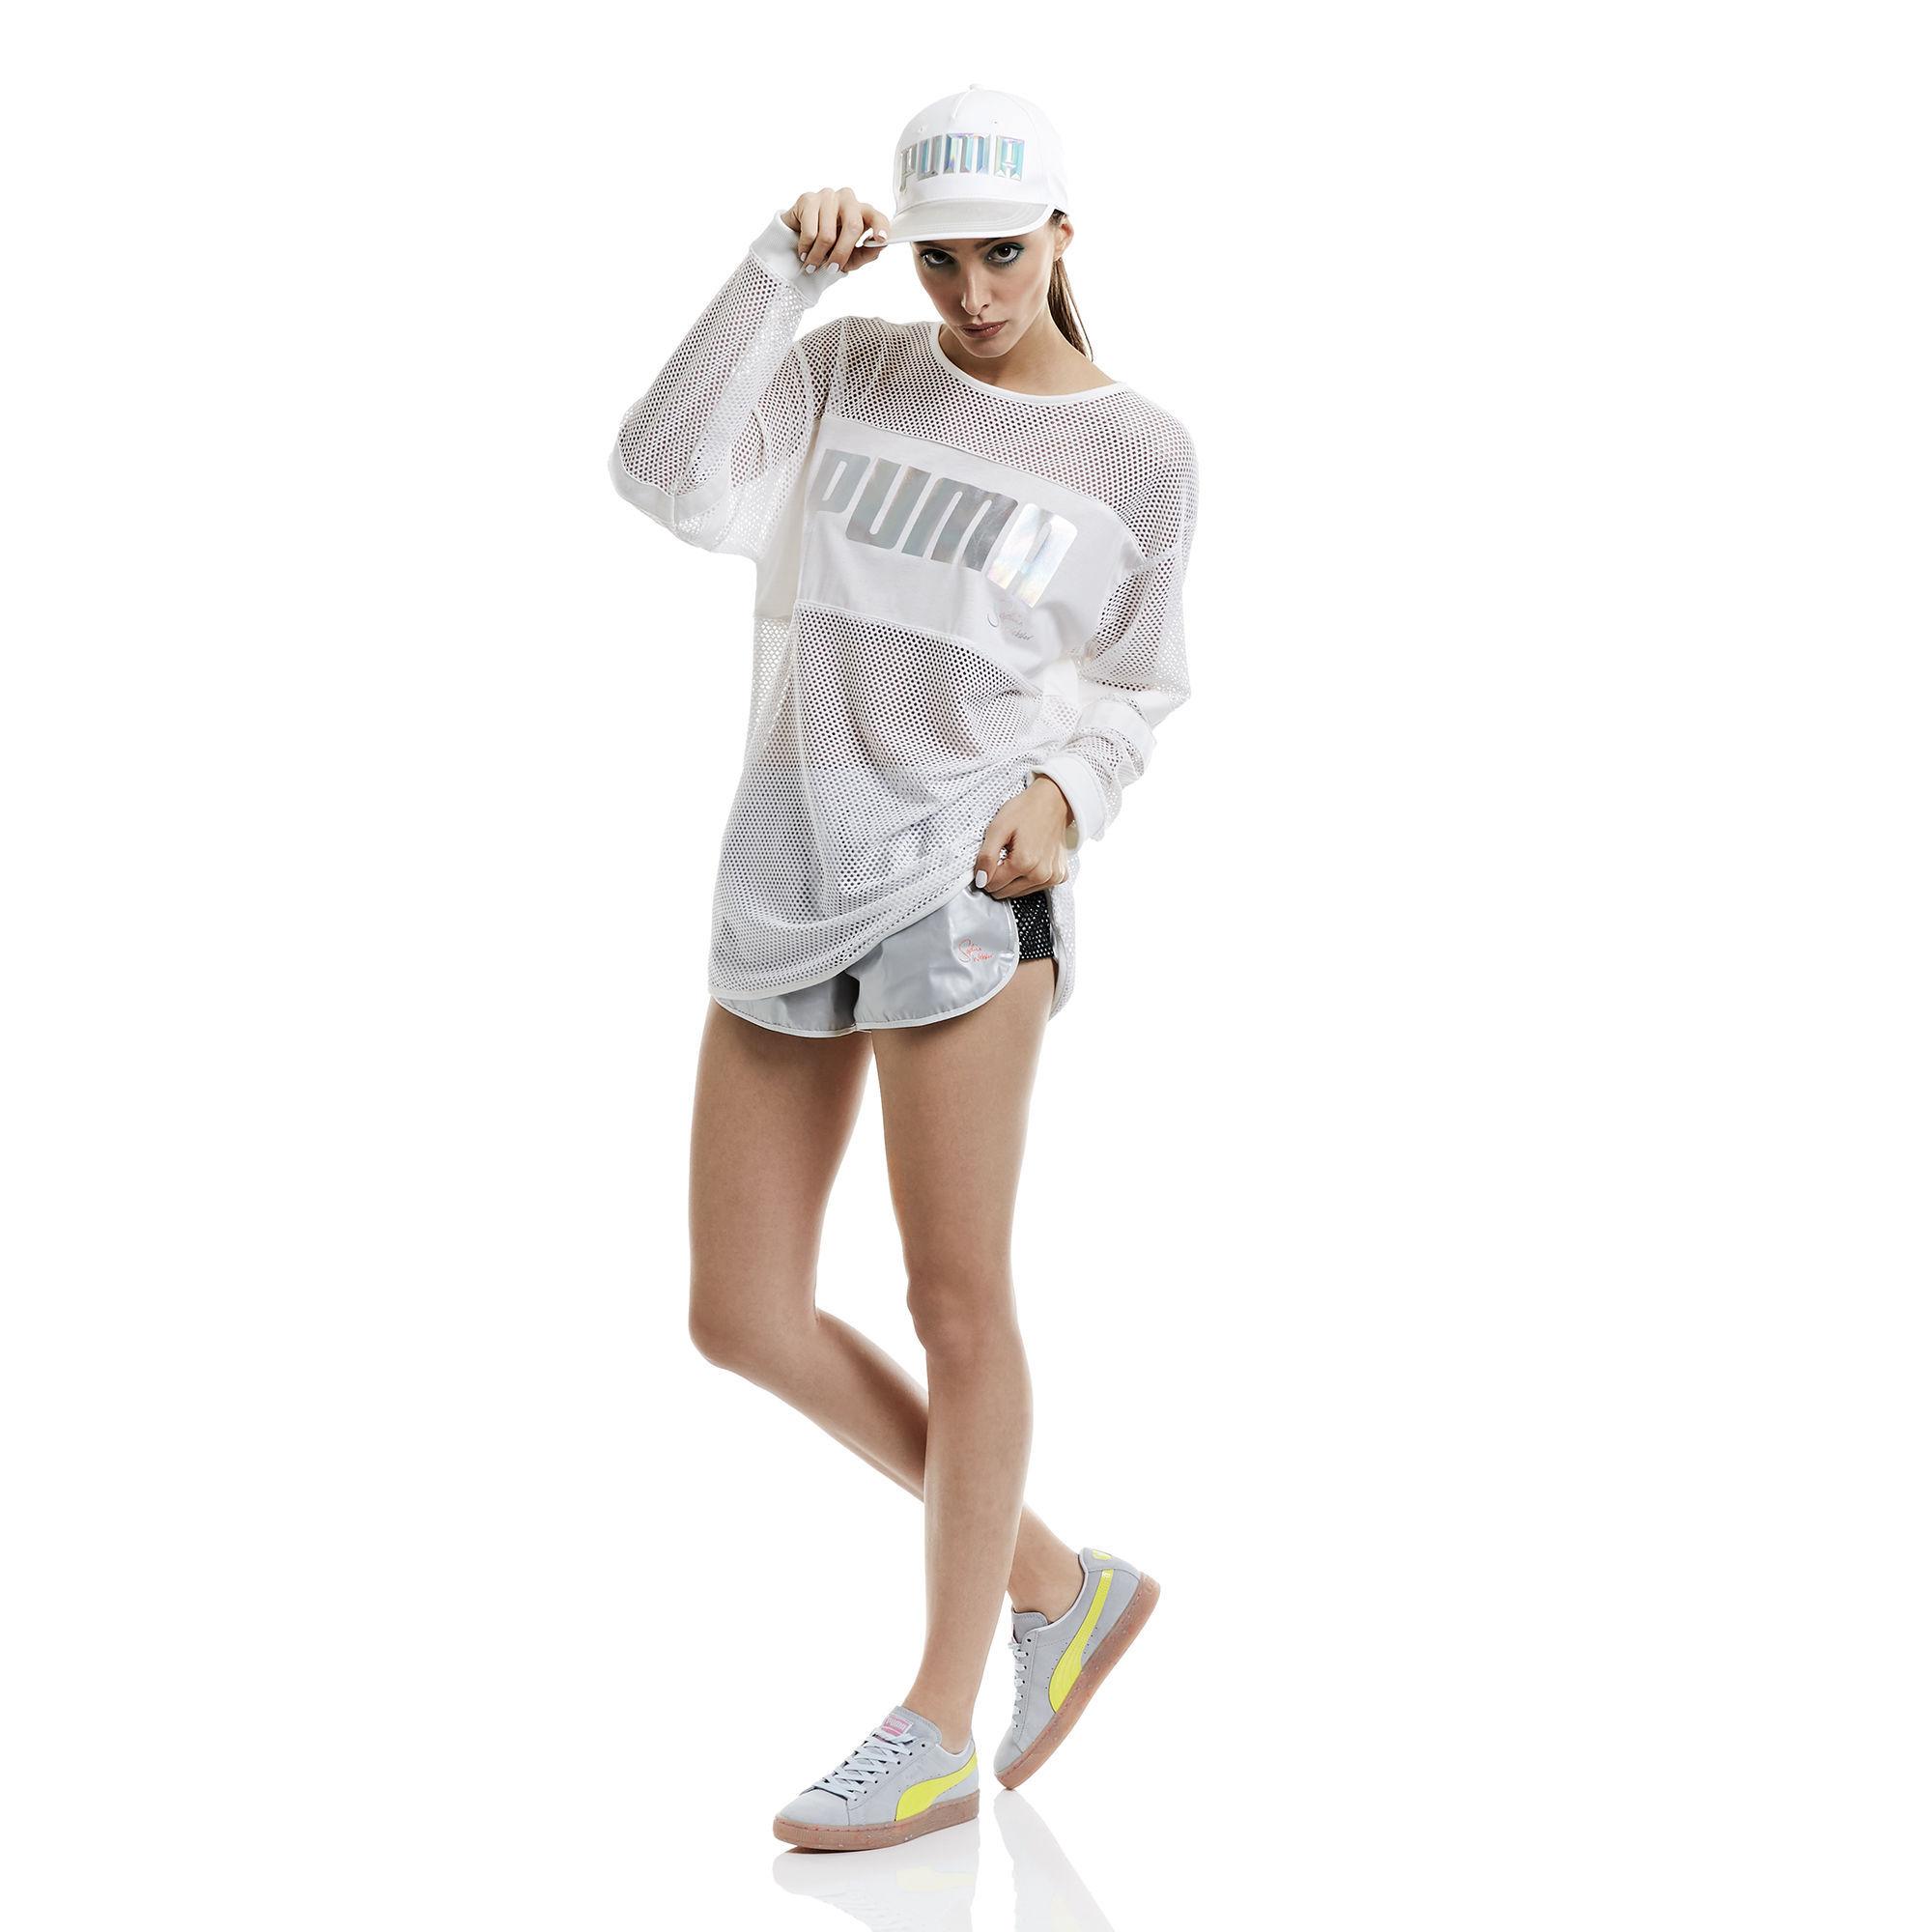 PUMA x СОФИЯ ВЕБСТЕР женская футболка с длинным рукавом из сетчатой ткани